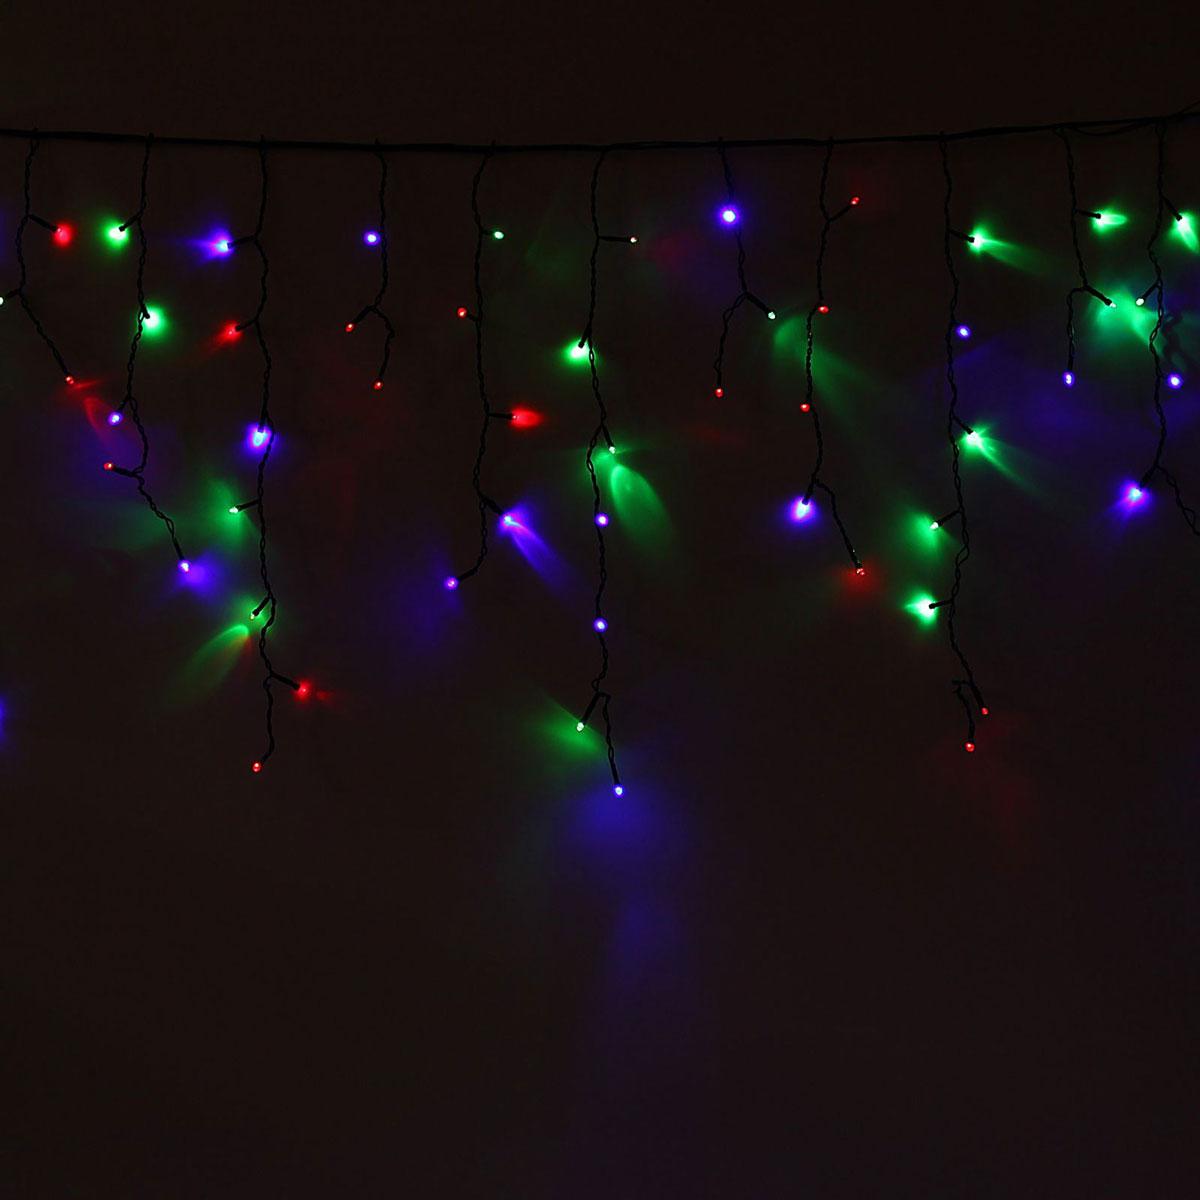 Гирлянда светодиодная Luazon Бахрома, уличная, 160 ламп, 220 V, цвет: мультиколор, 3 х 0,6 м. 10801691080169Светодиодные гирлянды, ленты и т.д — это отличный вариант для новогоднего оформления интерьера или фасада. С их помощью помещение любого размера можно превратить в праздничный зал, а внешние элементы зданий, украшенные ими, мгновенно станут напоминать очертания сказочного дворца. Такие украшения создают ауру предвкушения чуда. Деревья, фасады, витрины, окна и арки будто специально созданы, чтобы вы украсили их светящимися нитями.